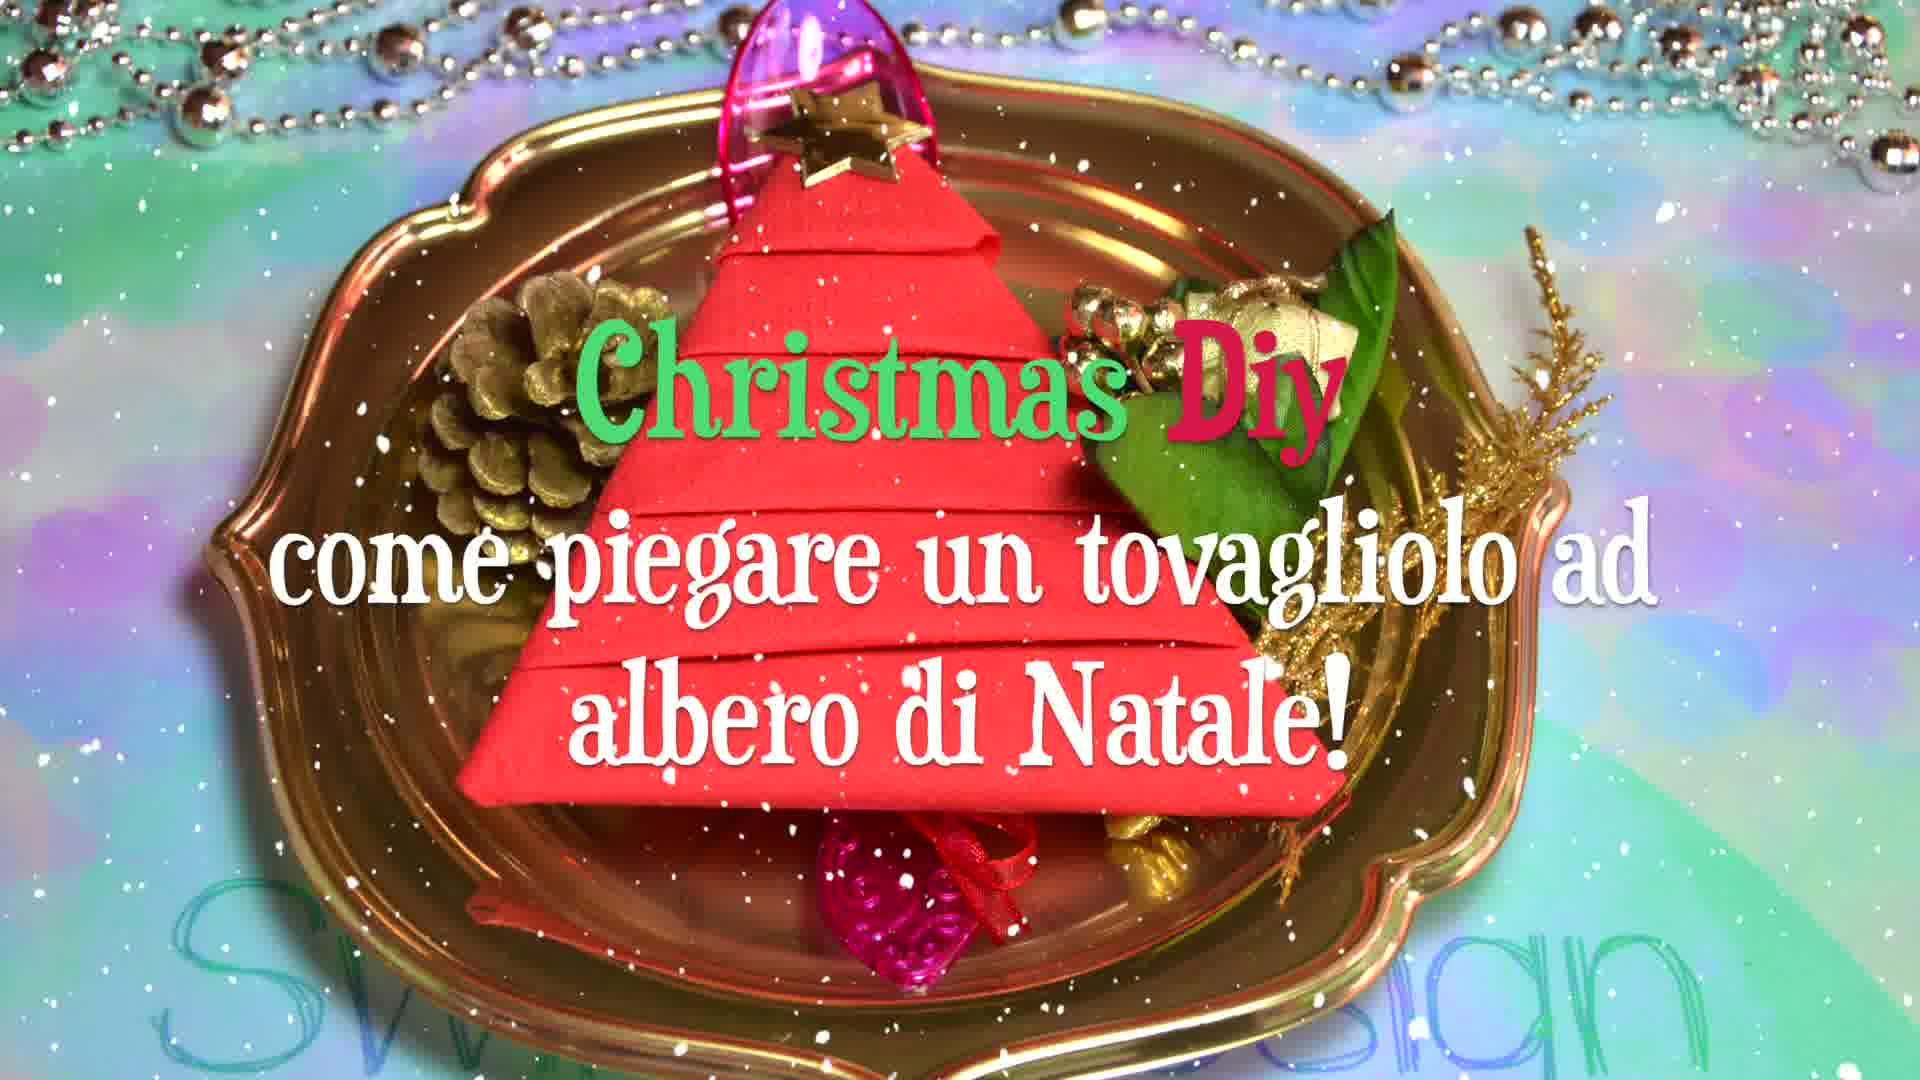 Piegare Tovaglioli Carta Natale christmas diy: come piegare un tovagliolo ad albero di